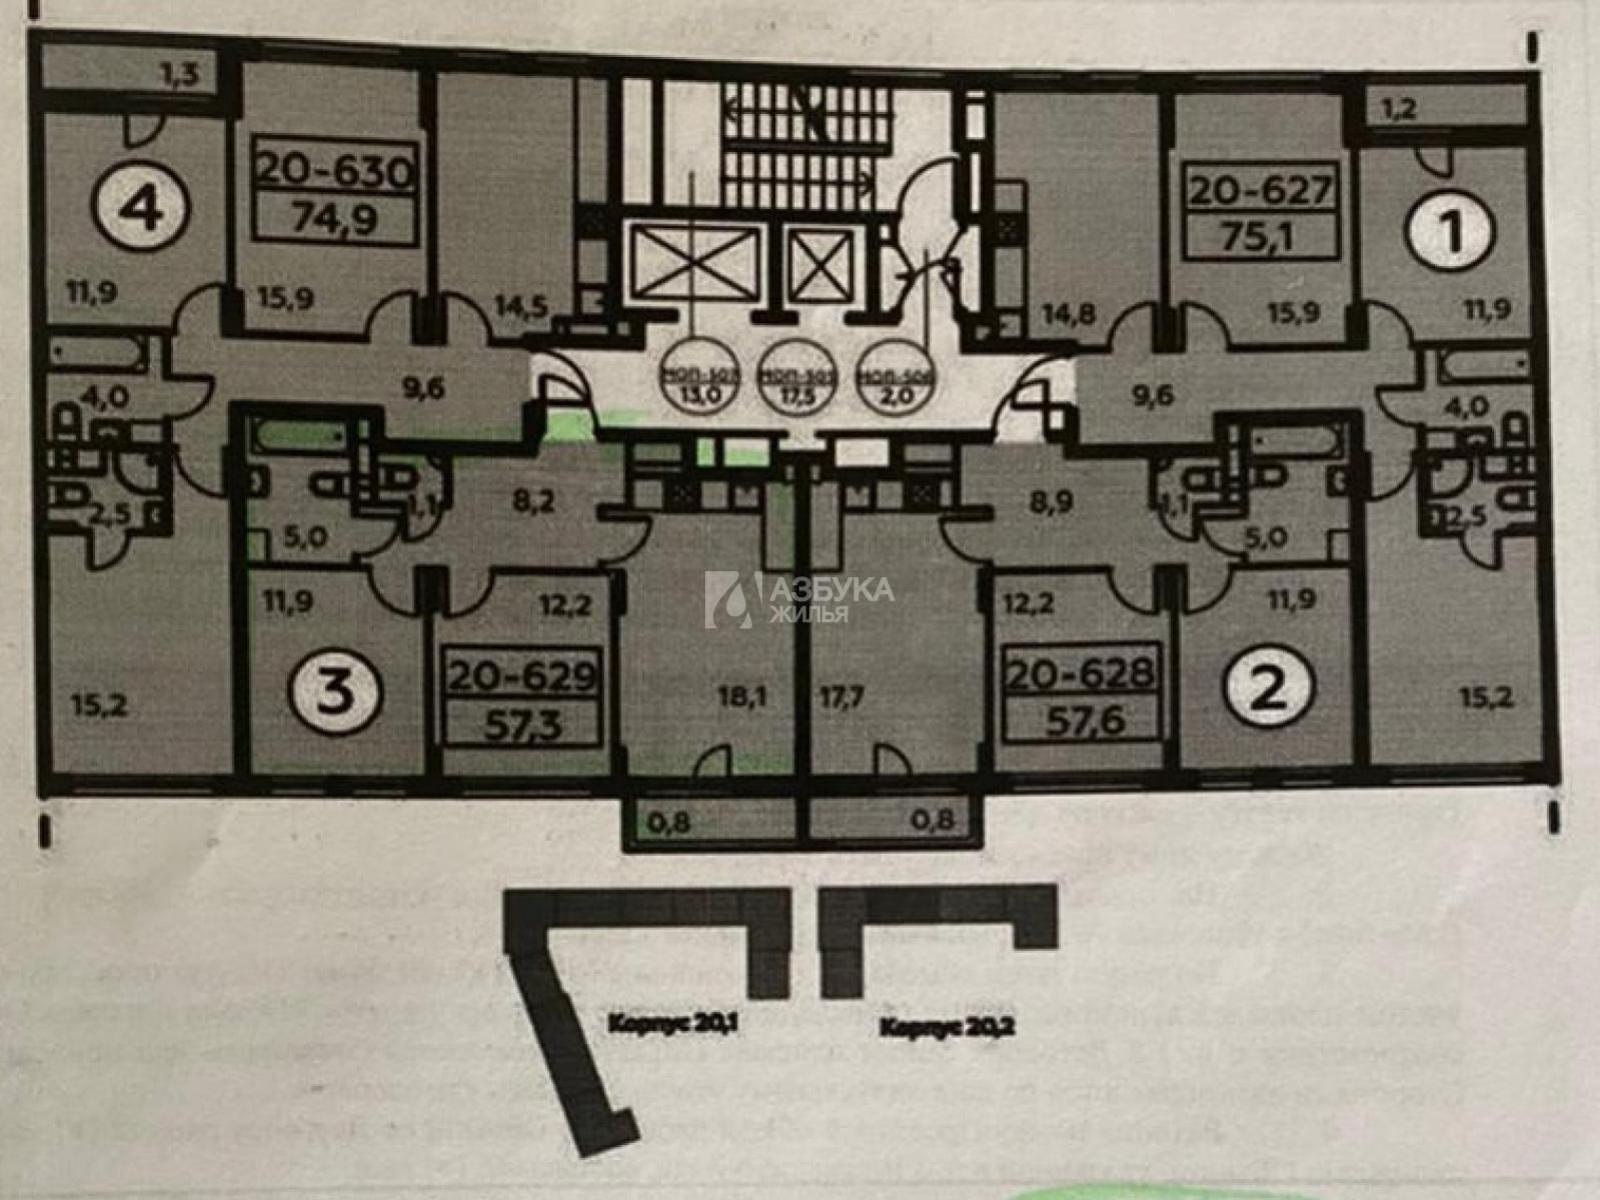 Фото №2 - 2-комнатная квартира, Москва, поселок Коммунарка, Александры Монаховой улица 43 корпус 1, метро Коммунарка